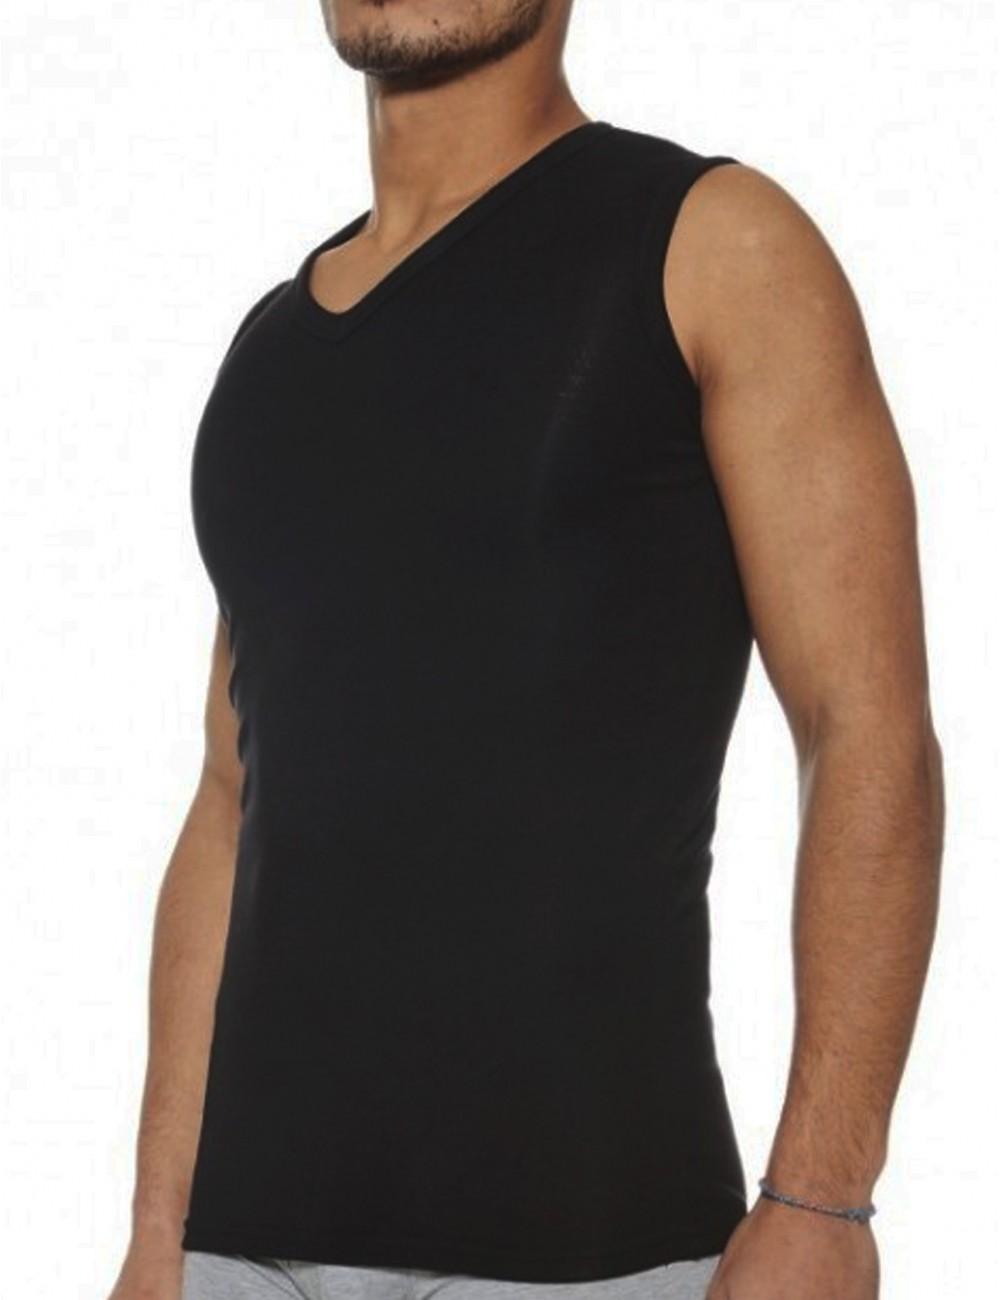 Ανδρικό Ισοθερμικό φανελάκι αθλητικό Αμάνικο V λαιμόκοψηΛευκό μαύρο 71e71dca9bf